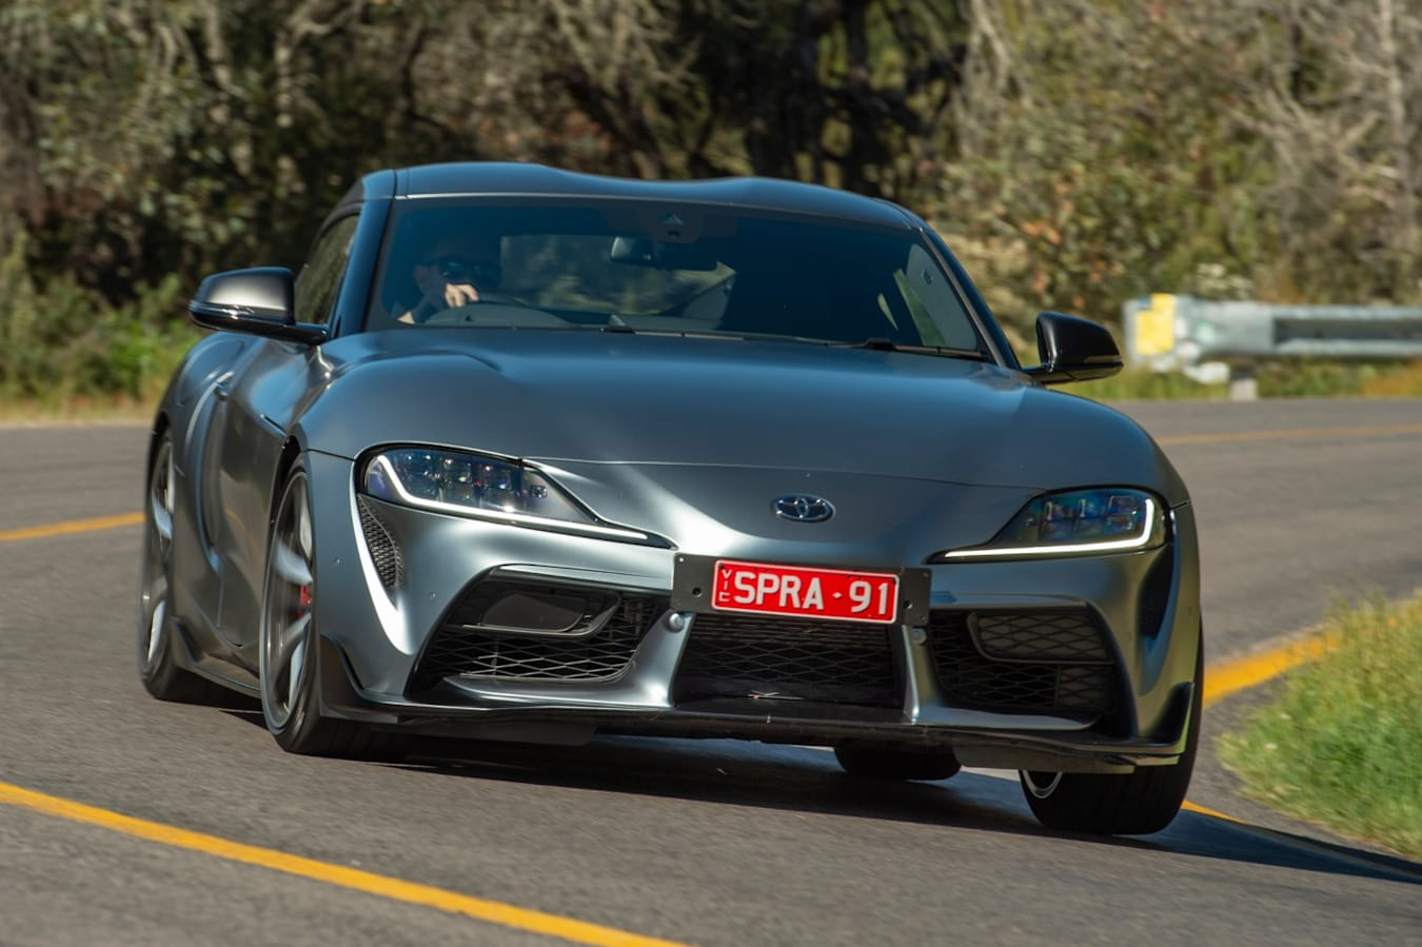 2021 Toyota Supra GTS